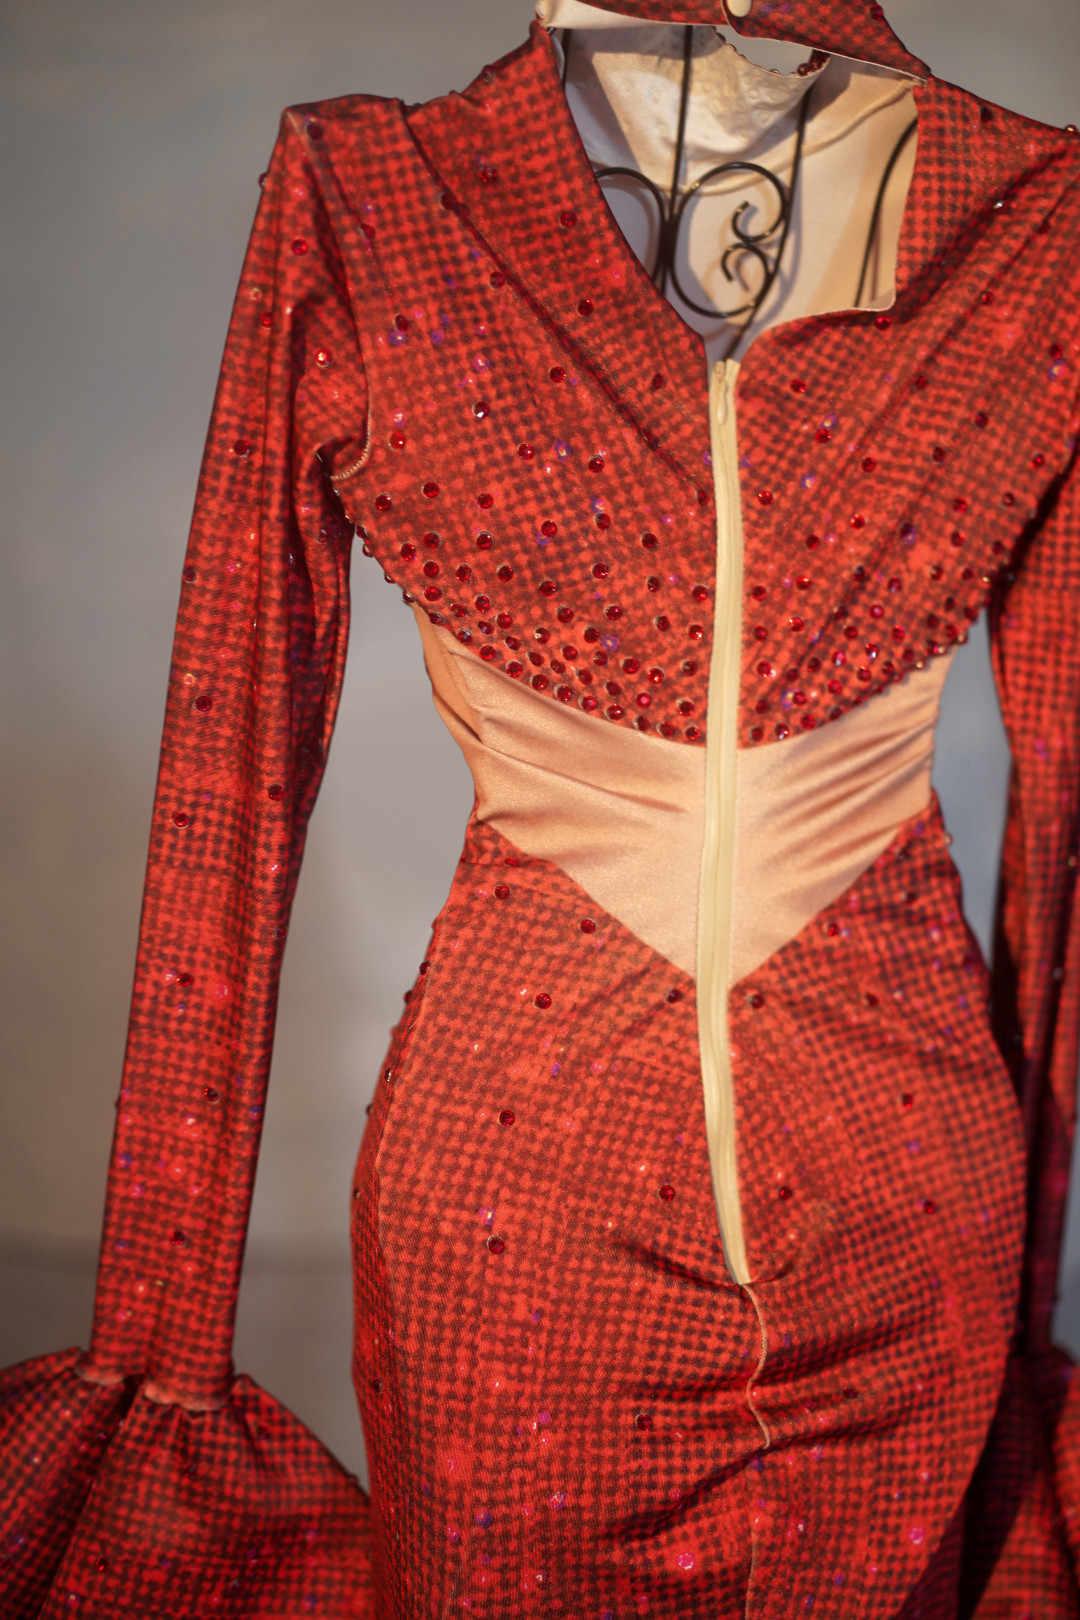 섹시한 붉은 저녁 파티 인어 긴 드레스 여성 스트레치 결혼식 축하 라인 석 드레스 층 길이 가수 후행 드레스